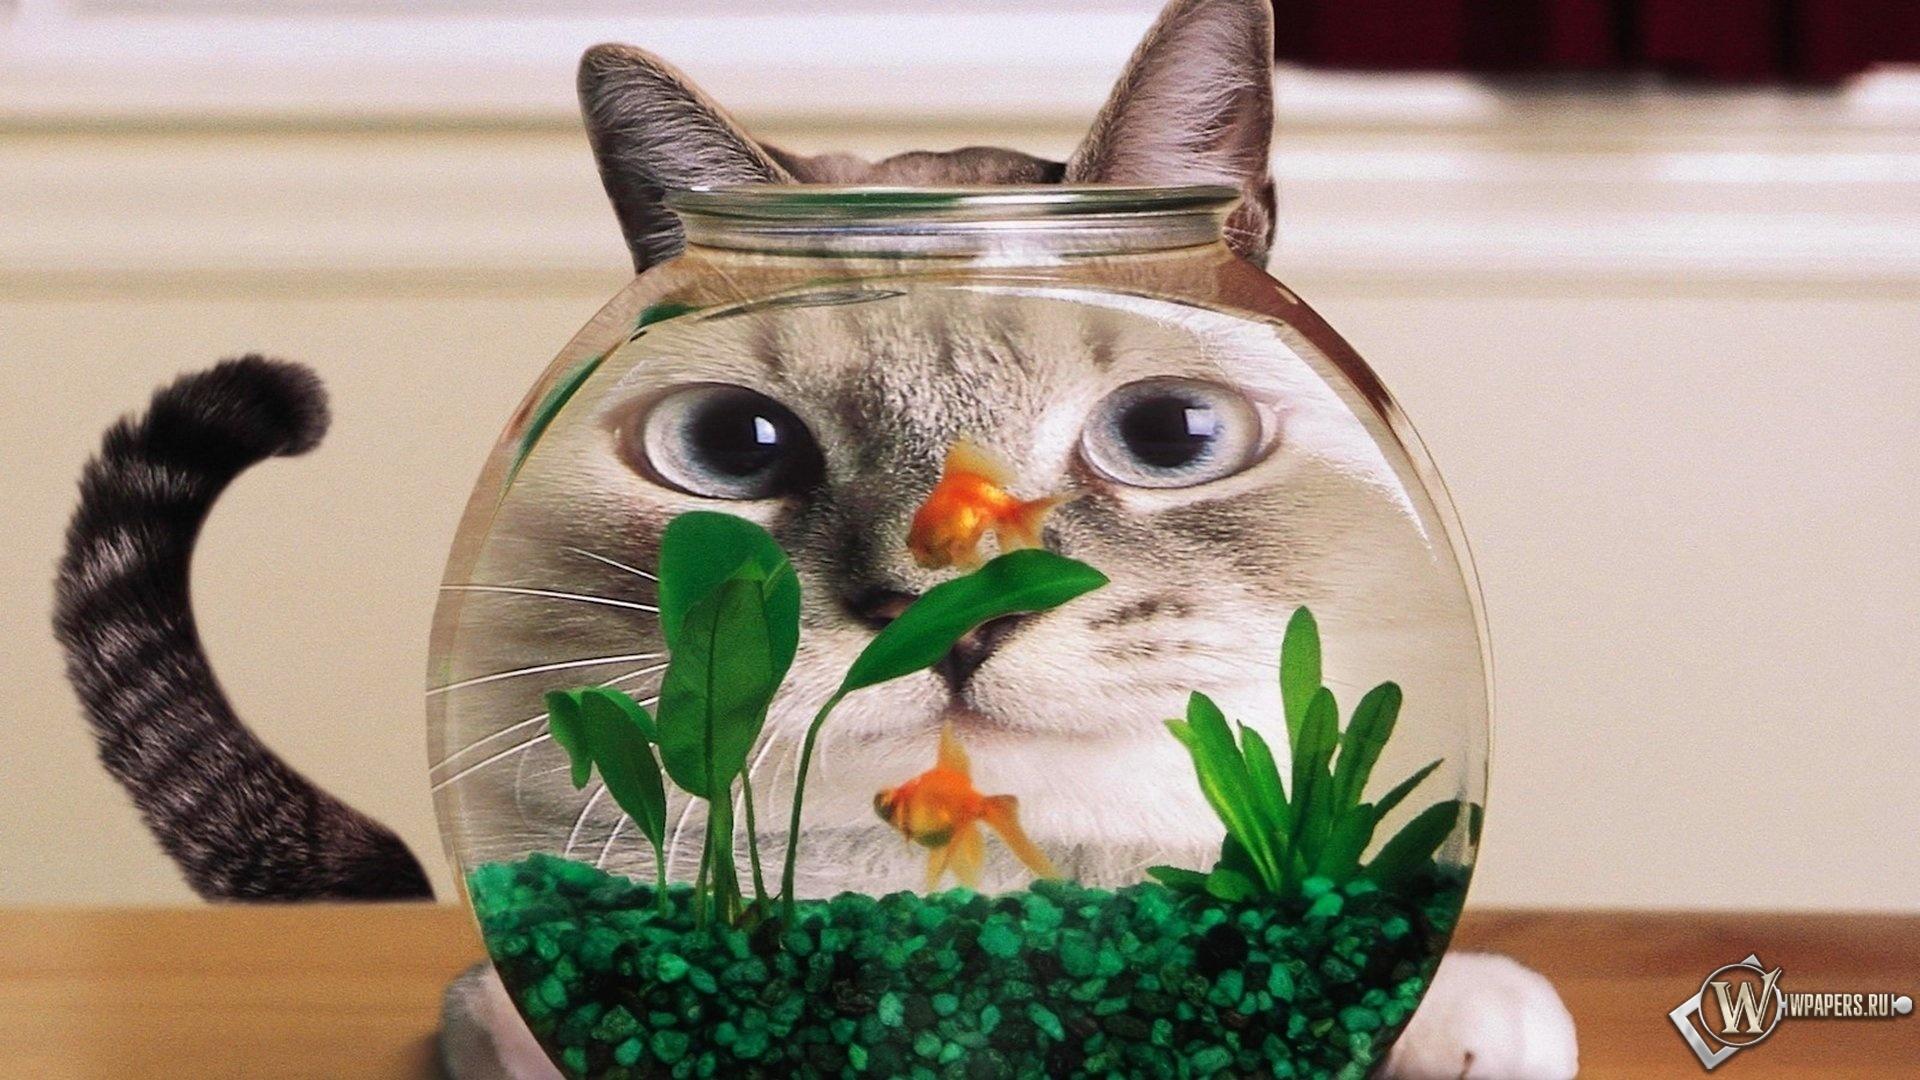 Кот в аквариуме 1920x1080